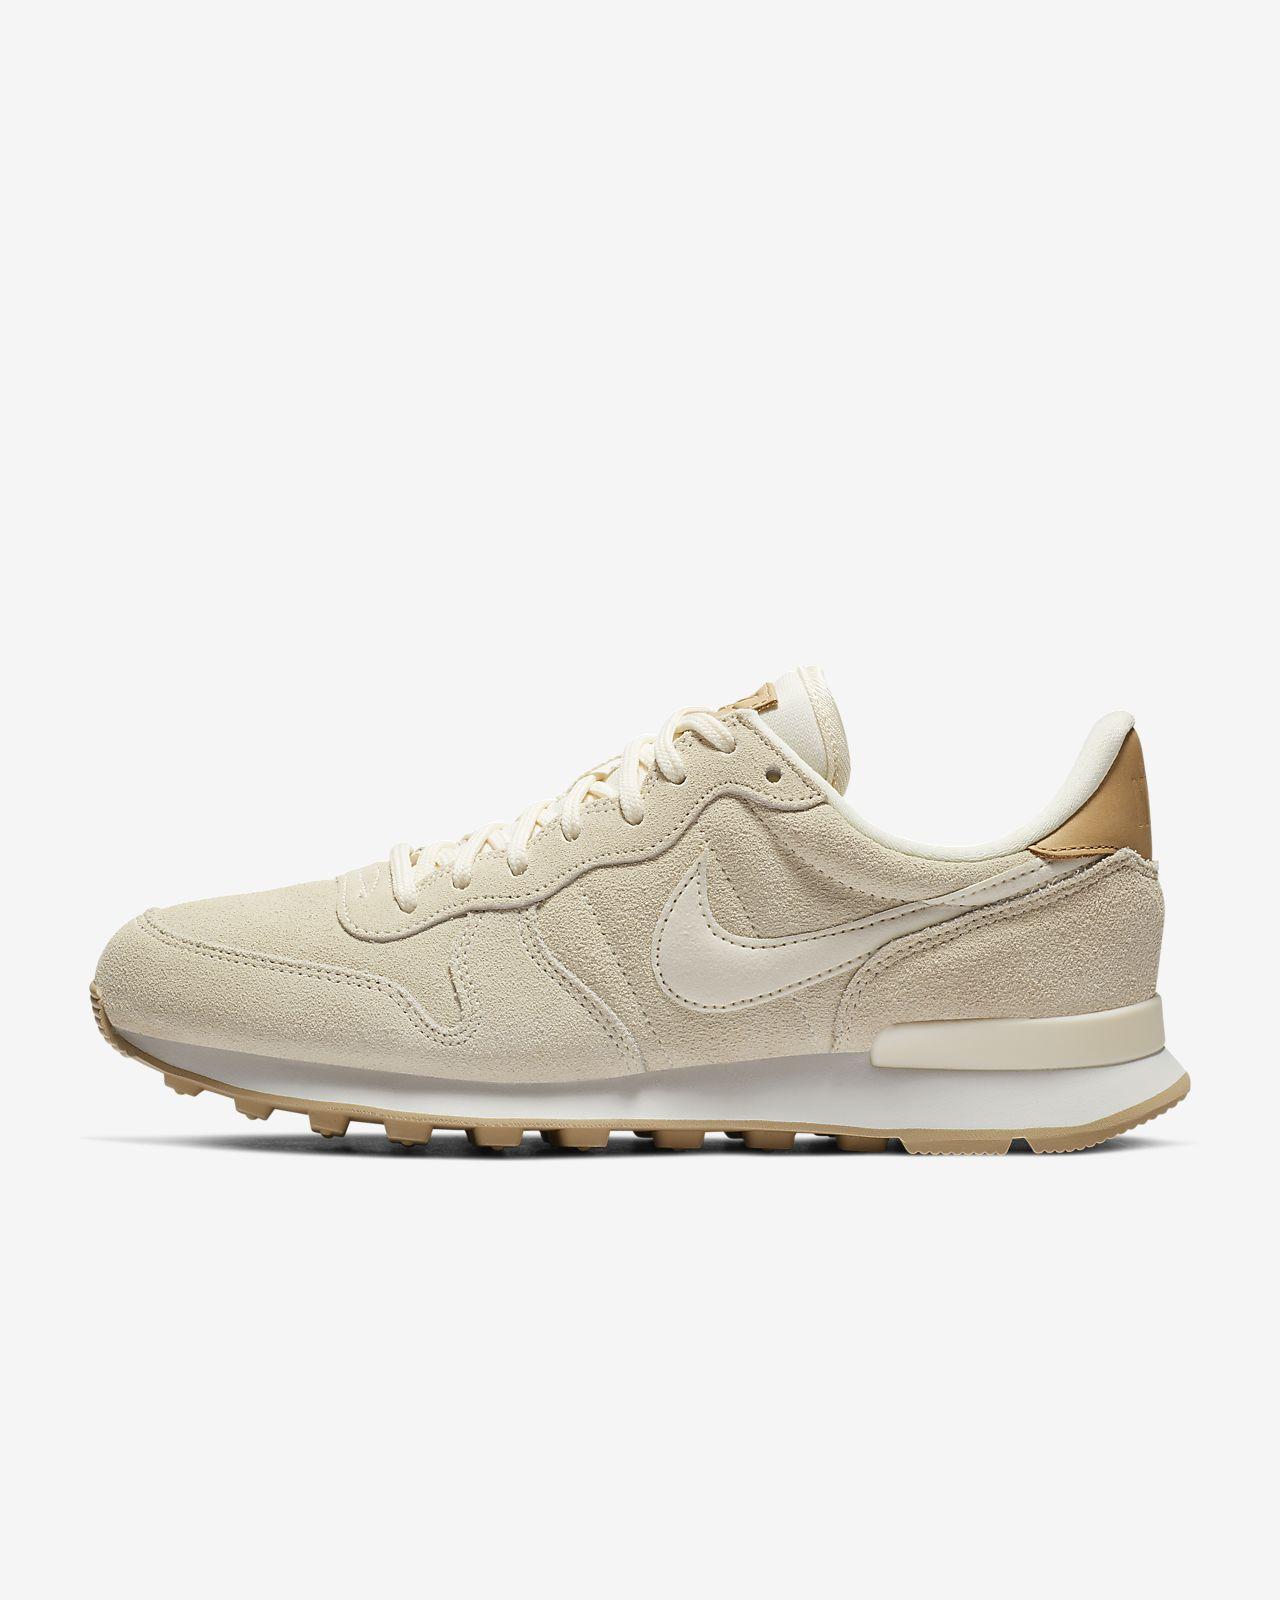 best sneakers 8147a 44f52 Low Resolution Nike Internationalist Premium Women s Shoe Nike  Internationalist Premium Women s Shoe